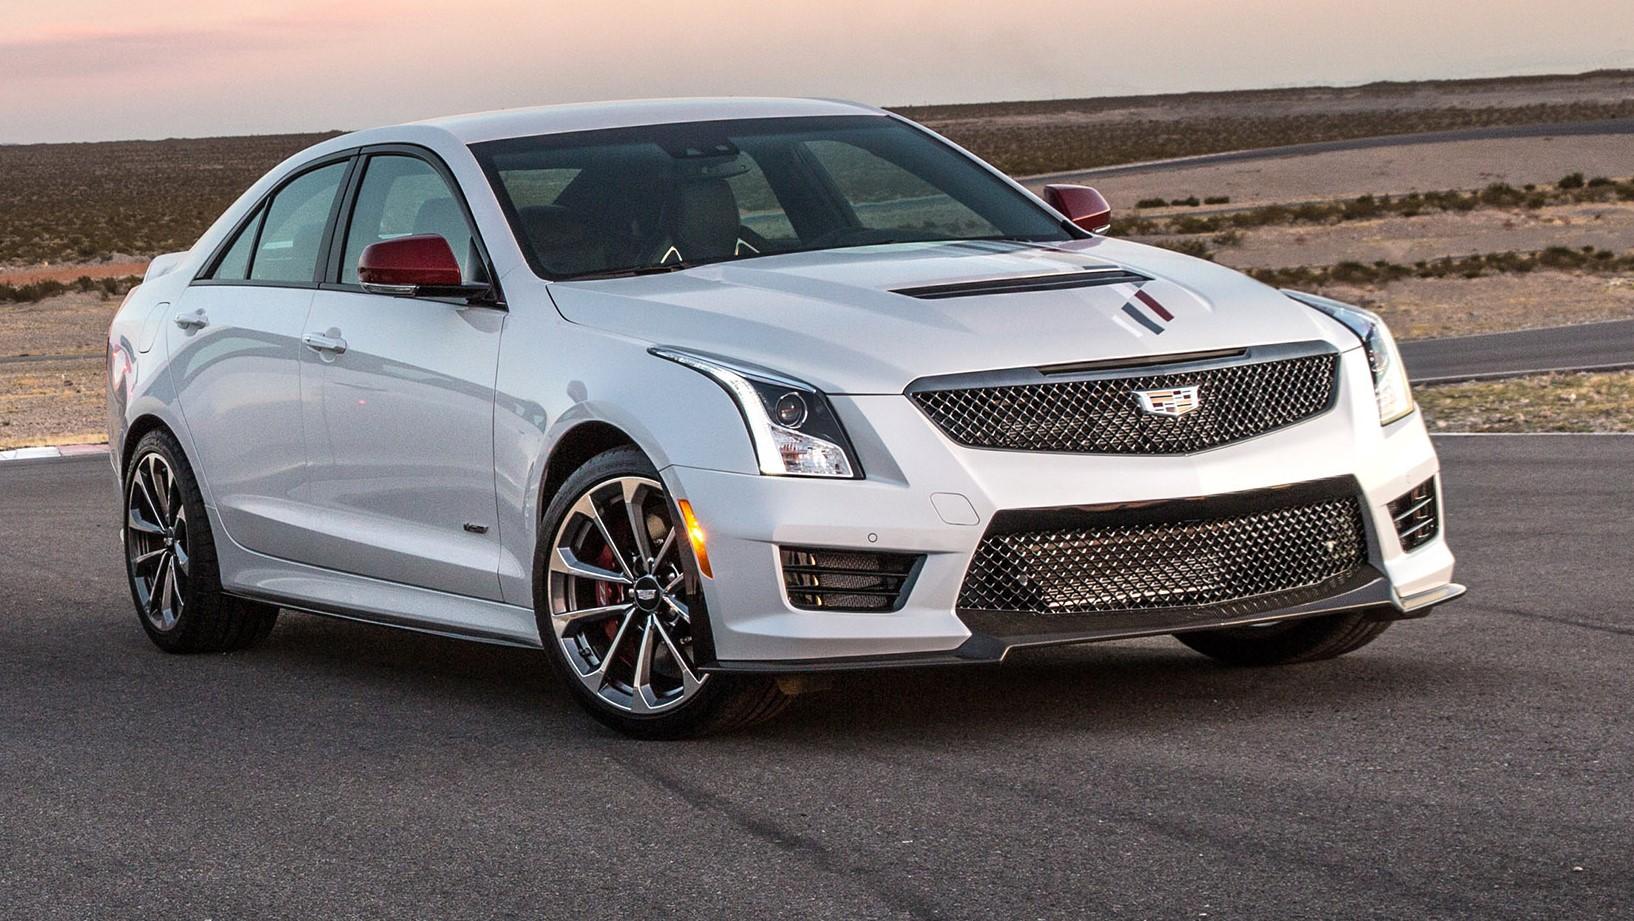 Cadillac Ats Sedan >> 2018 CADILLAC CTS-V CHAMPIONSHIP EDITIONS - myAutoWorld.com